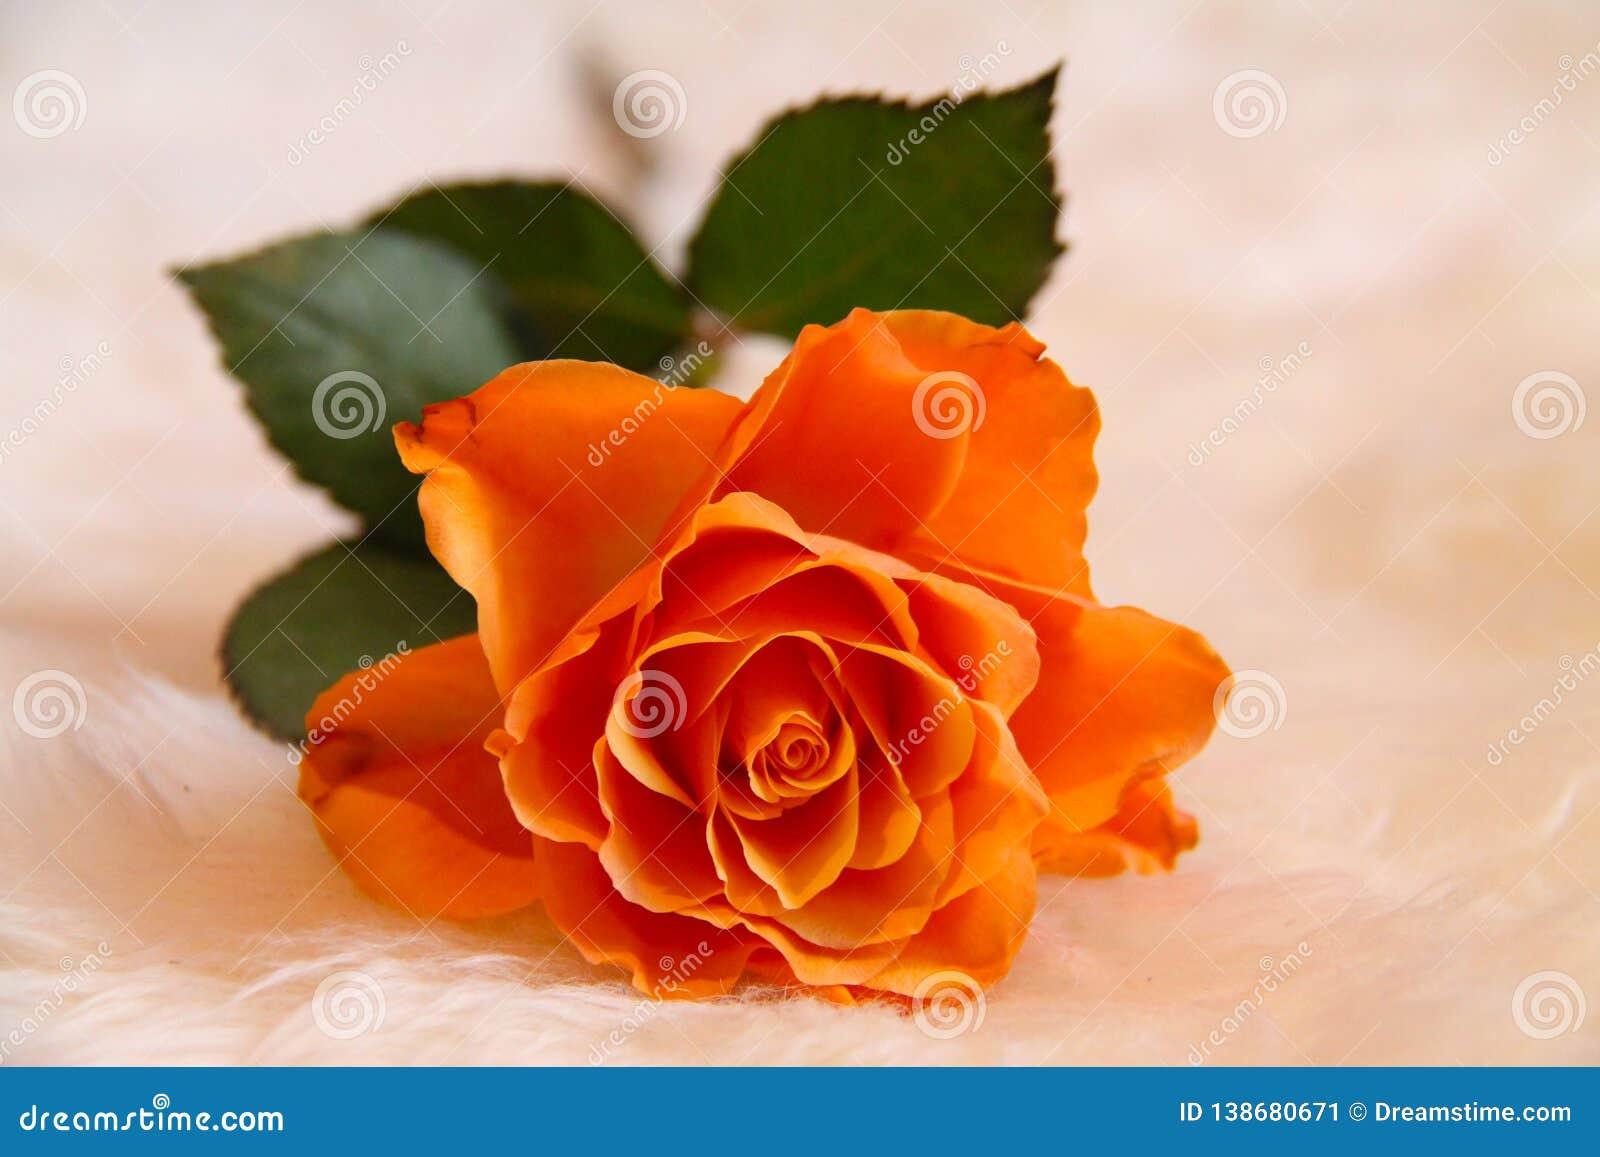 Piękny, pojedynczy pomarańcze róży jaśnienie przy nasz oczami,